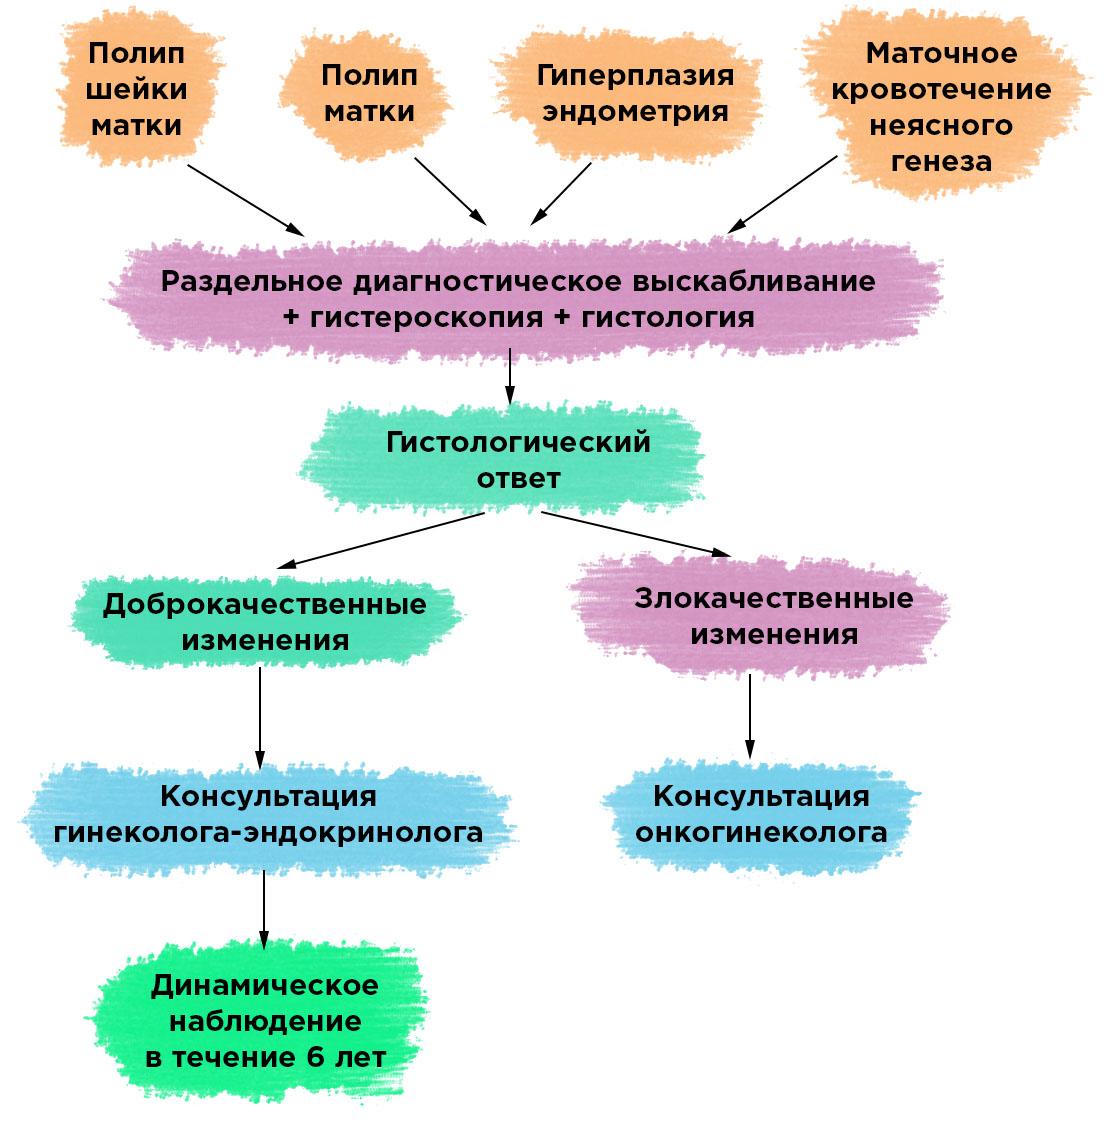 Что такое Раздельное диагностическое выскабливание